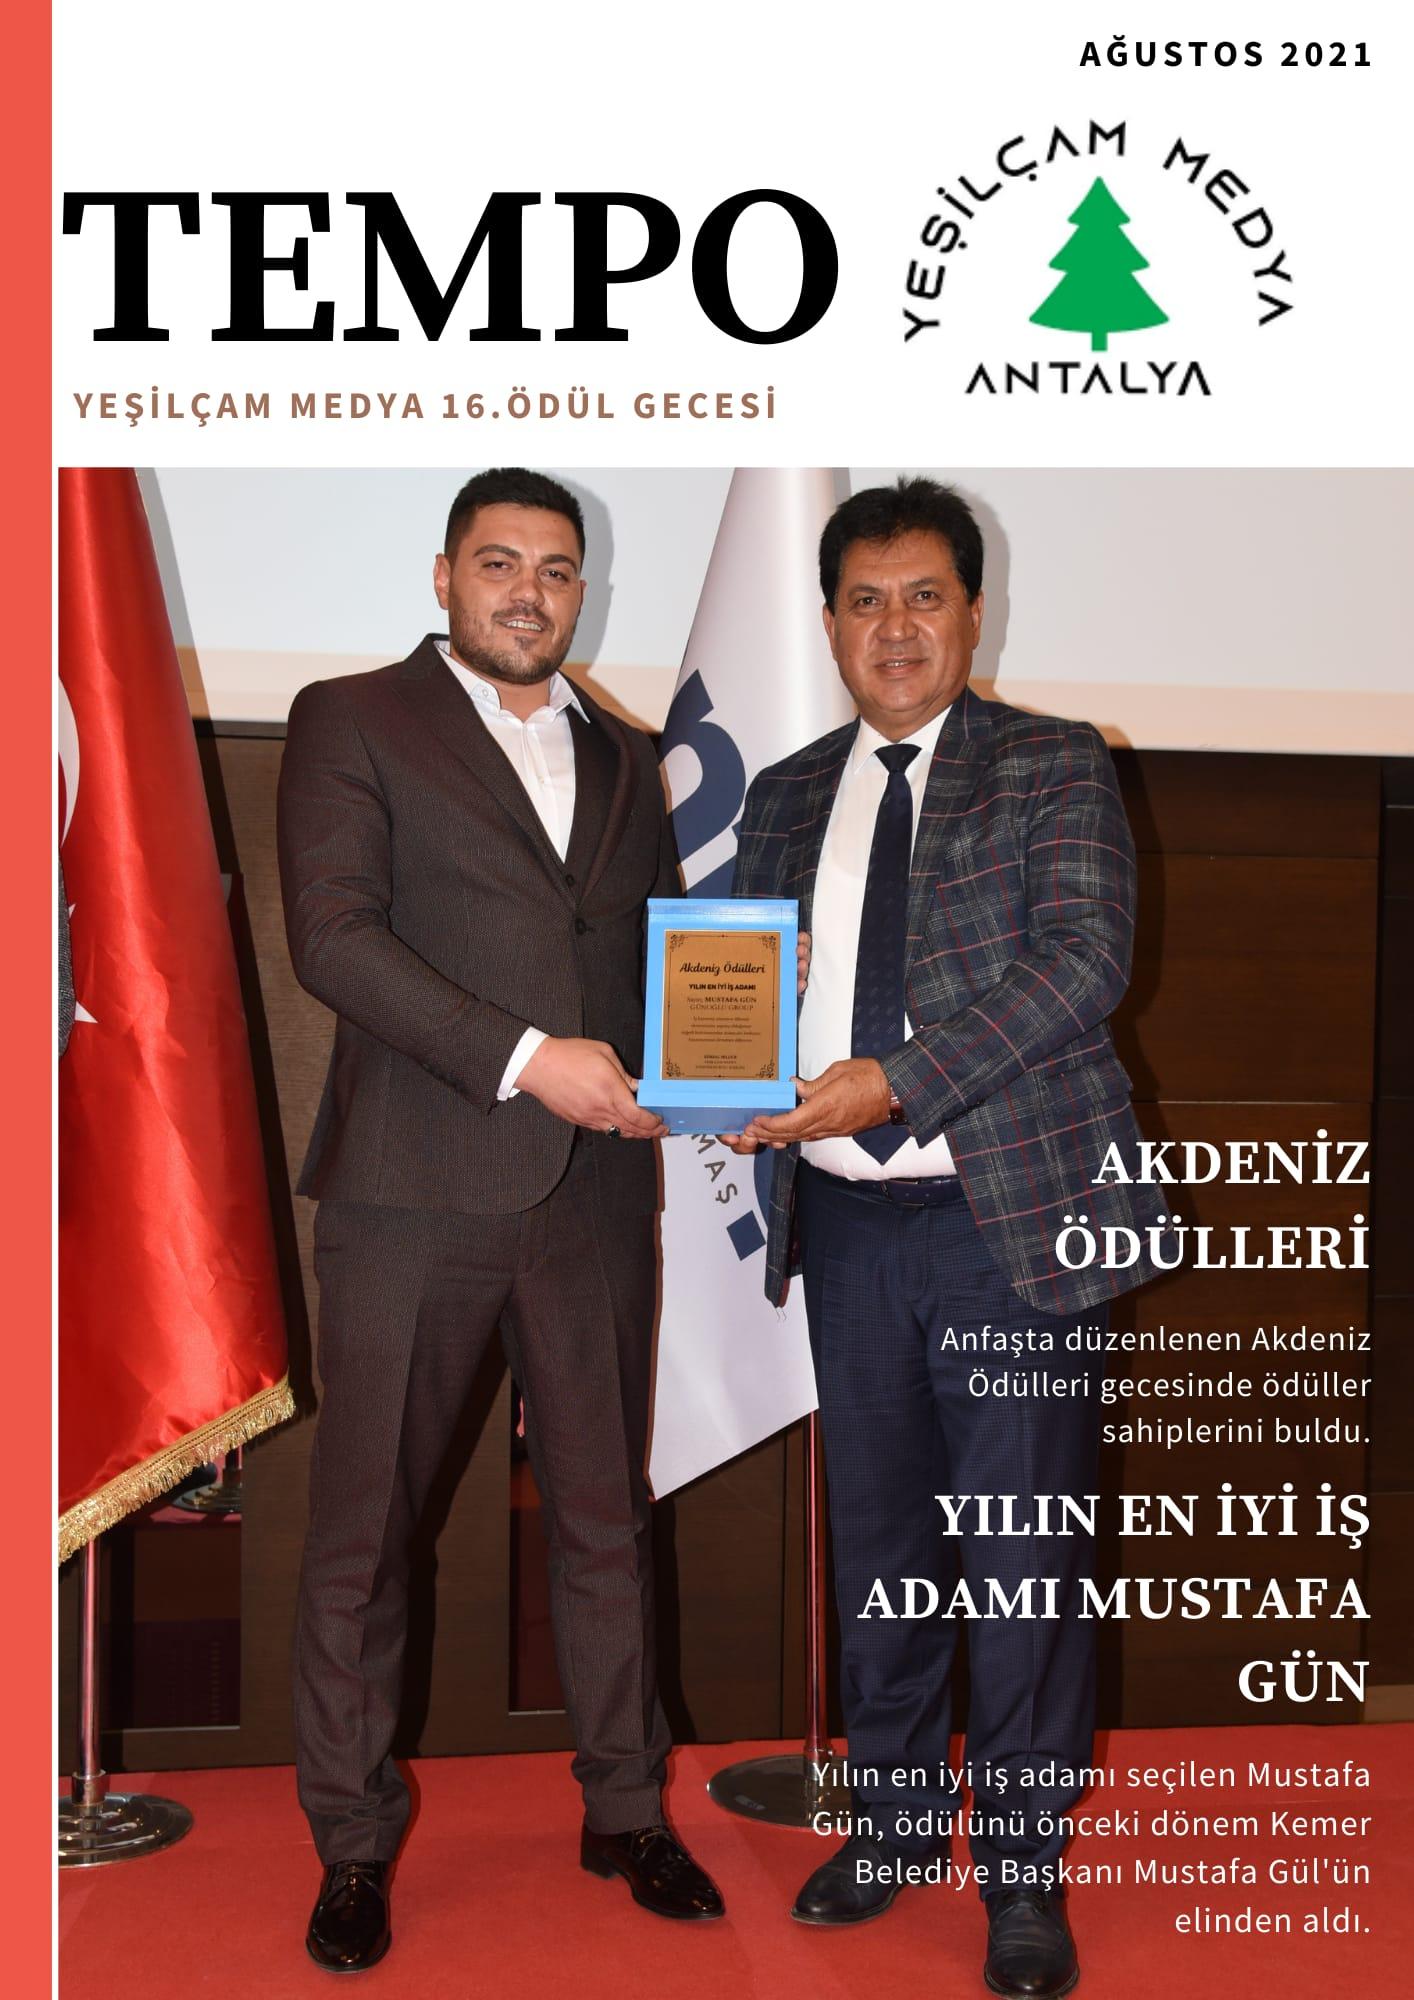 Tempo Dergisi Ağustos Özel Sayısı Çıktı